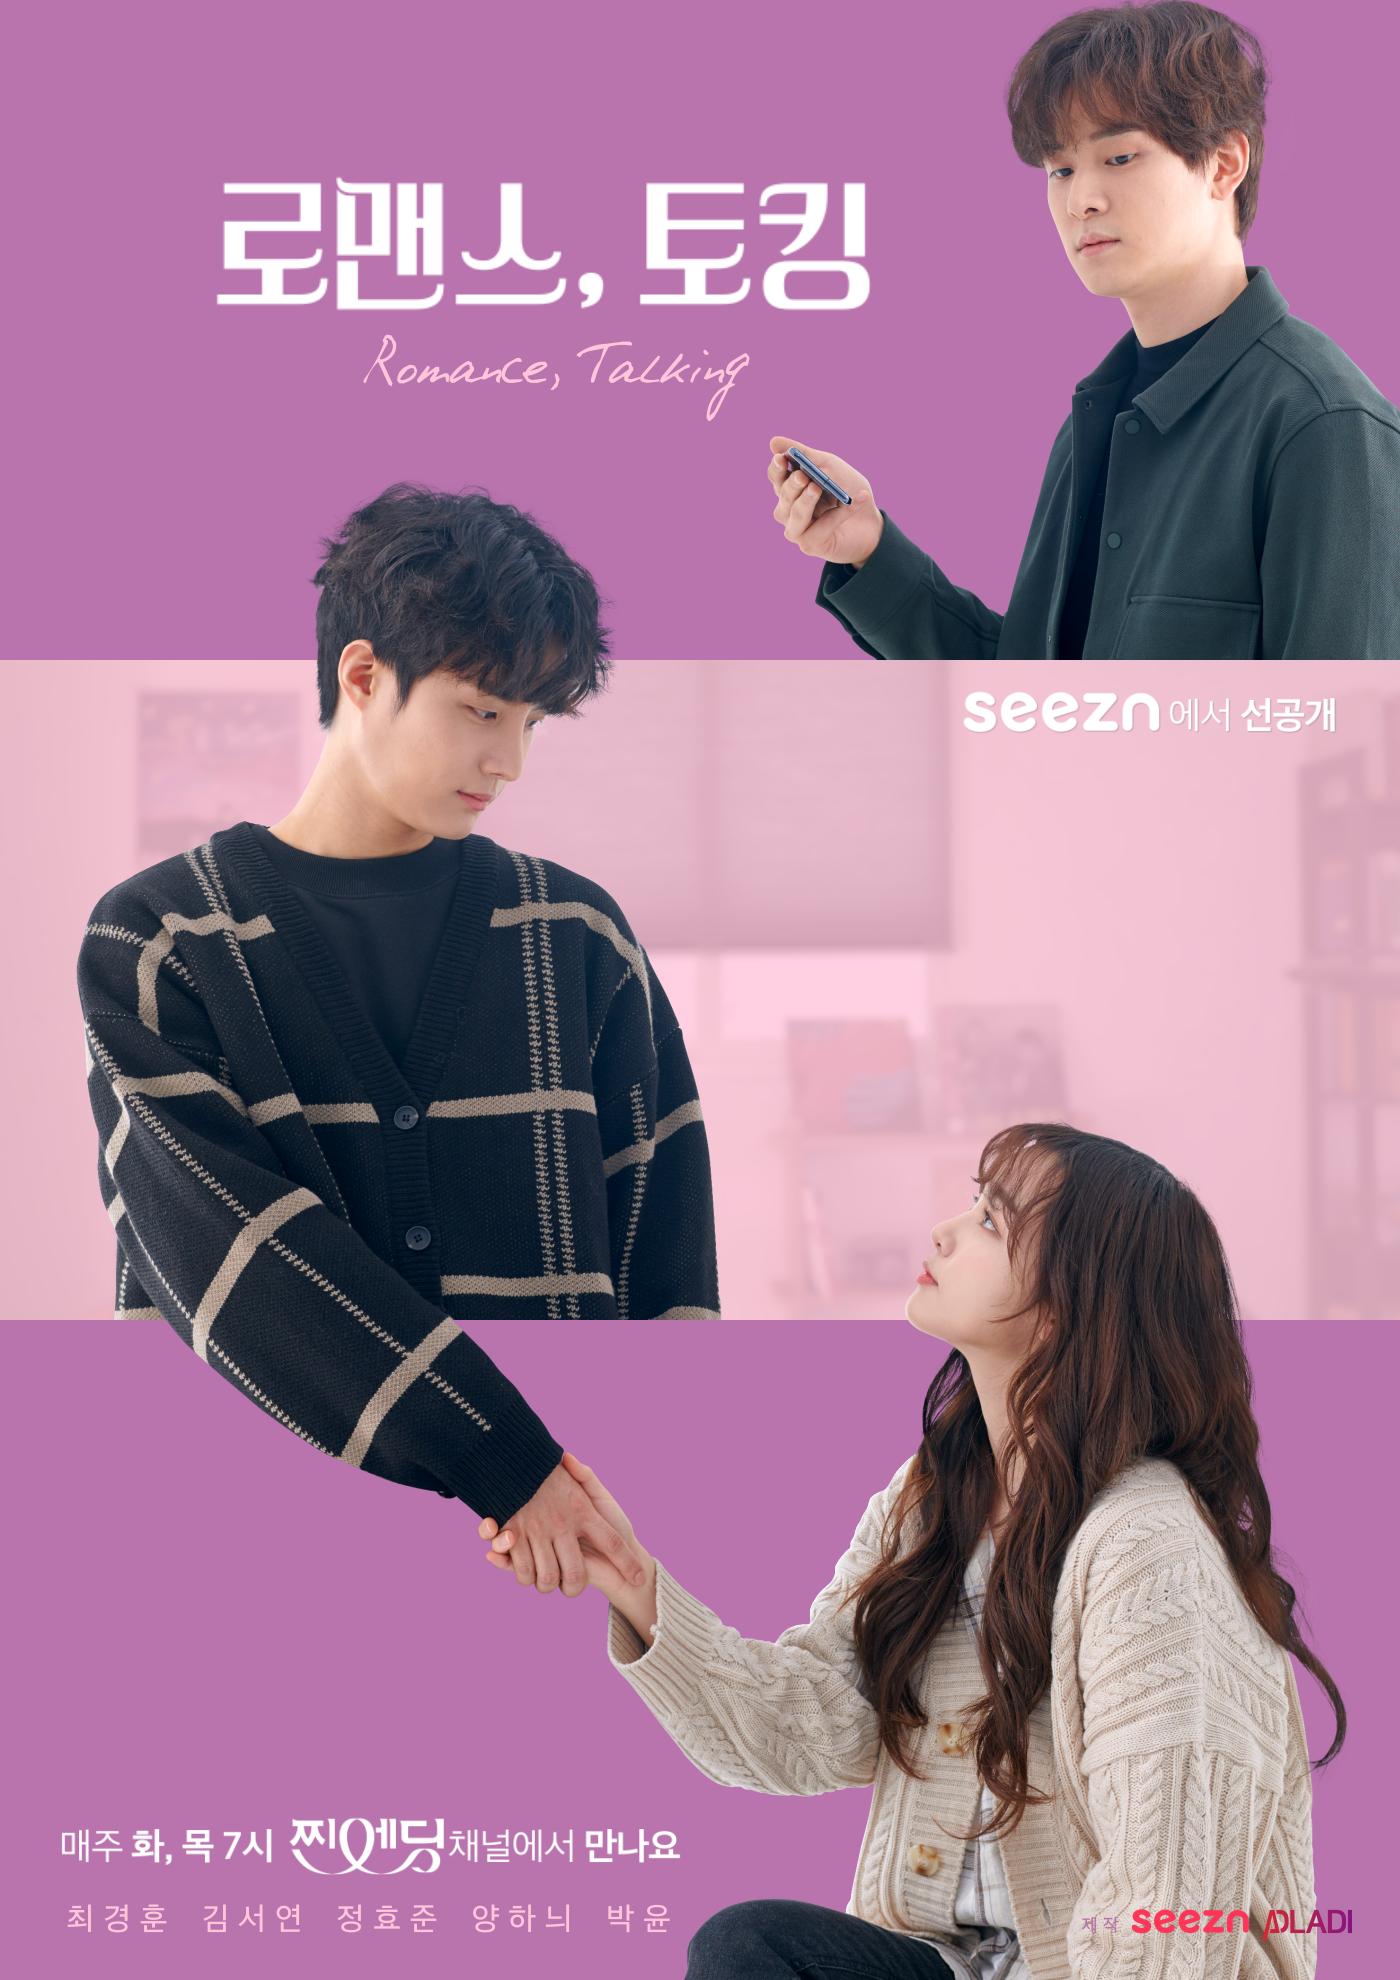 정효준, 웹드라마 '로맨스, 토킹' 포스터 공개